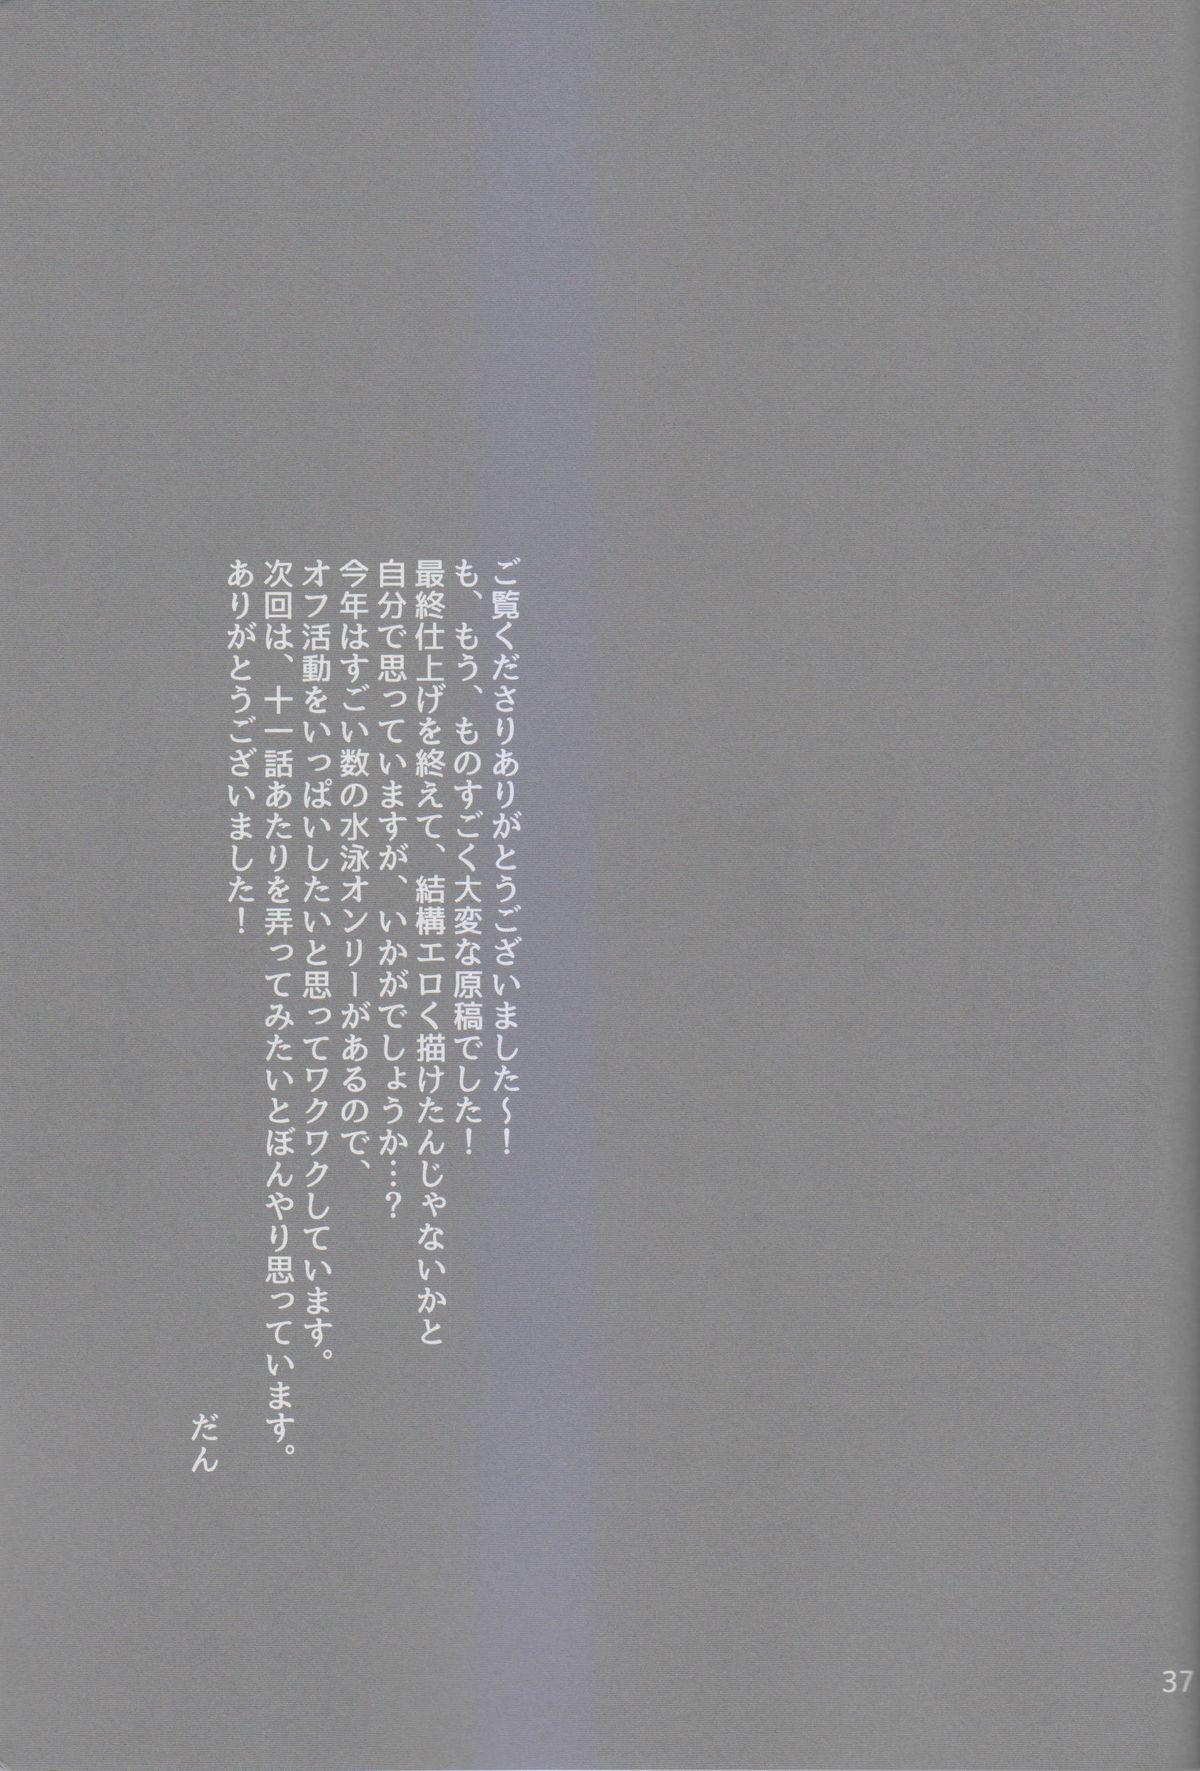 Okubyou na Boku no Kingyo wa Natsu ni Nemuri, Kimi wa Kesshite Nakanai. 35